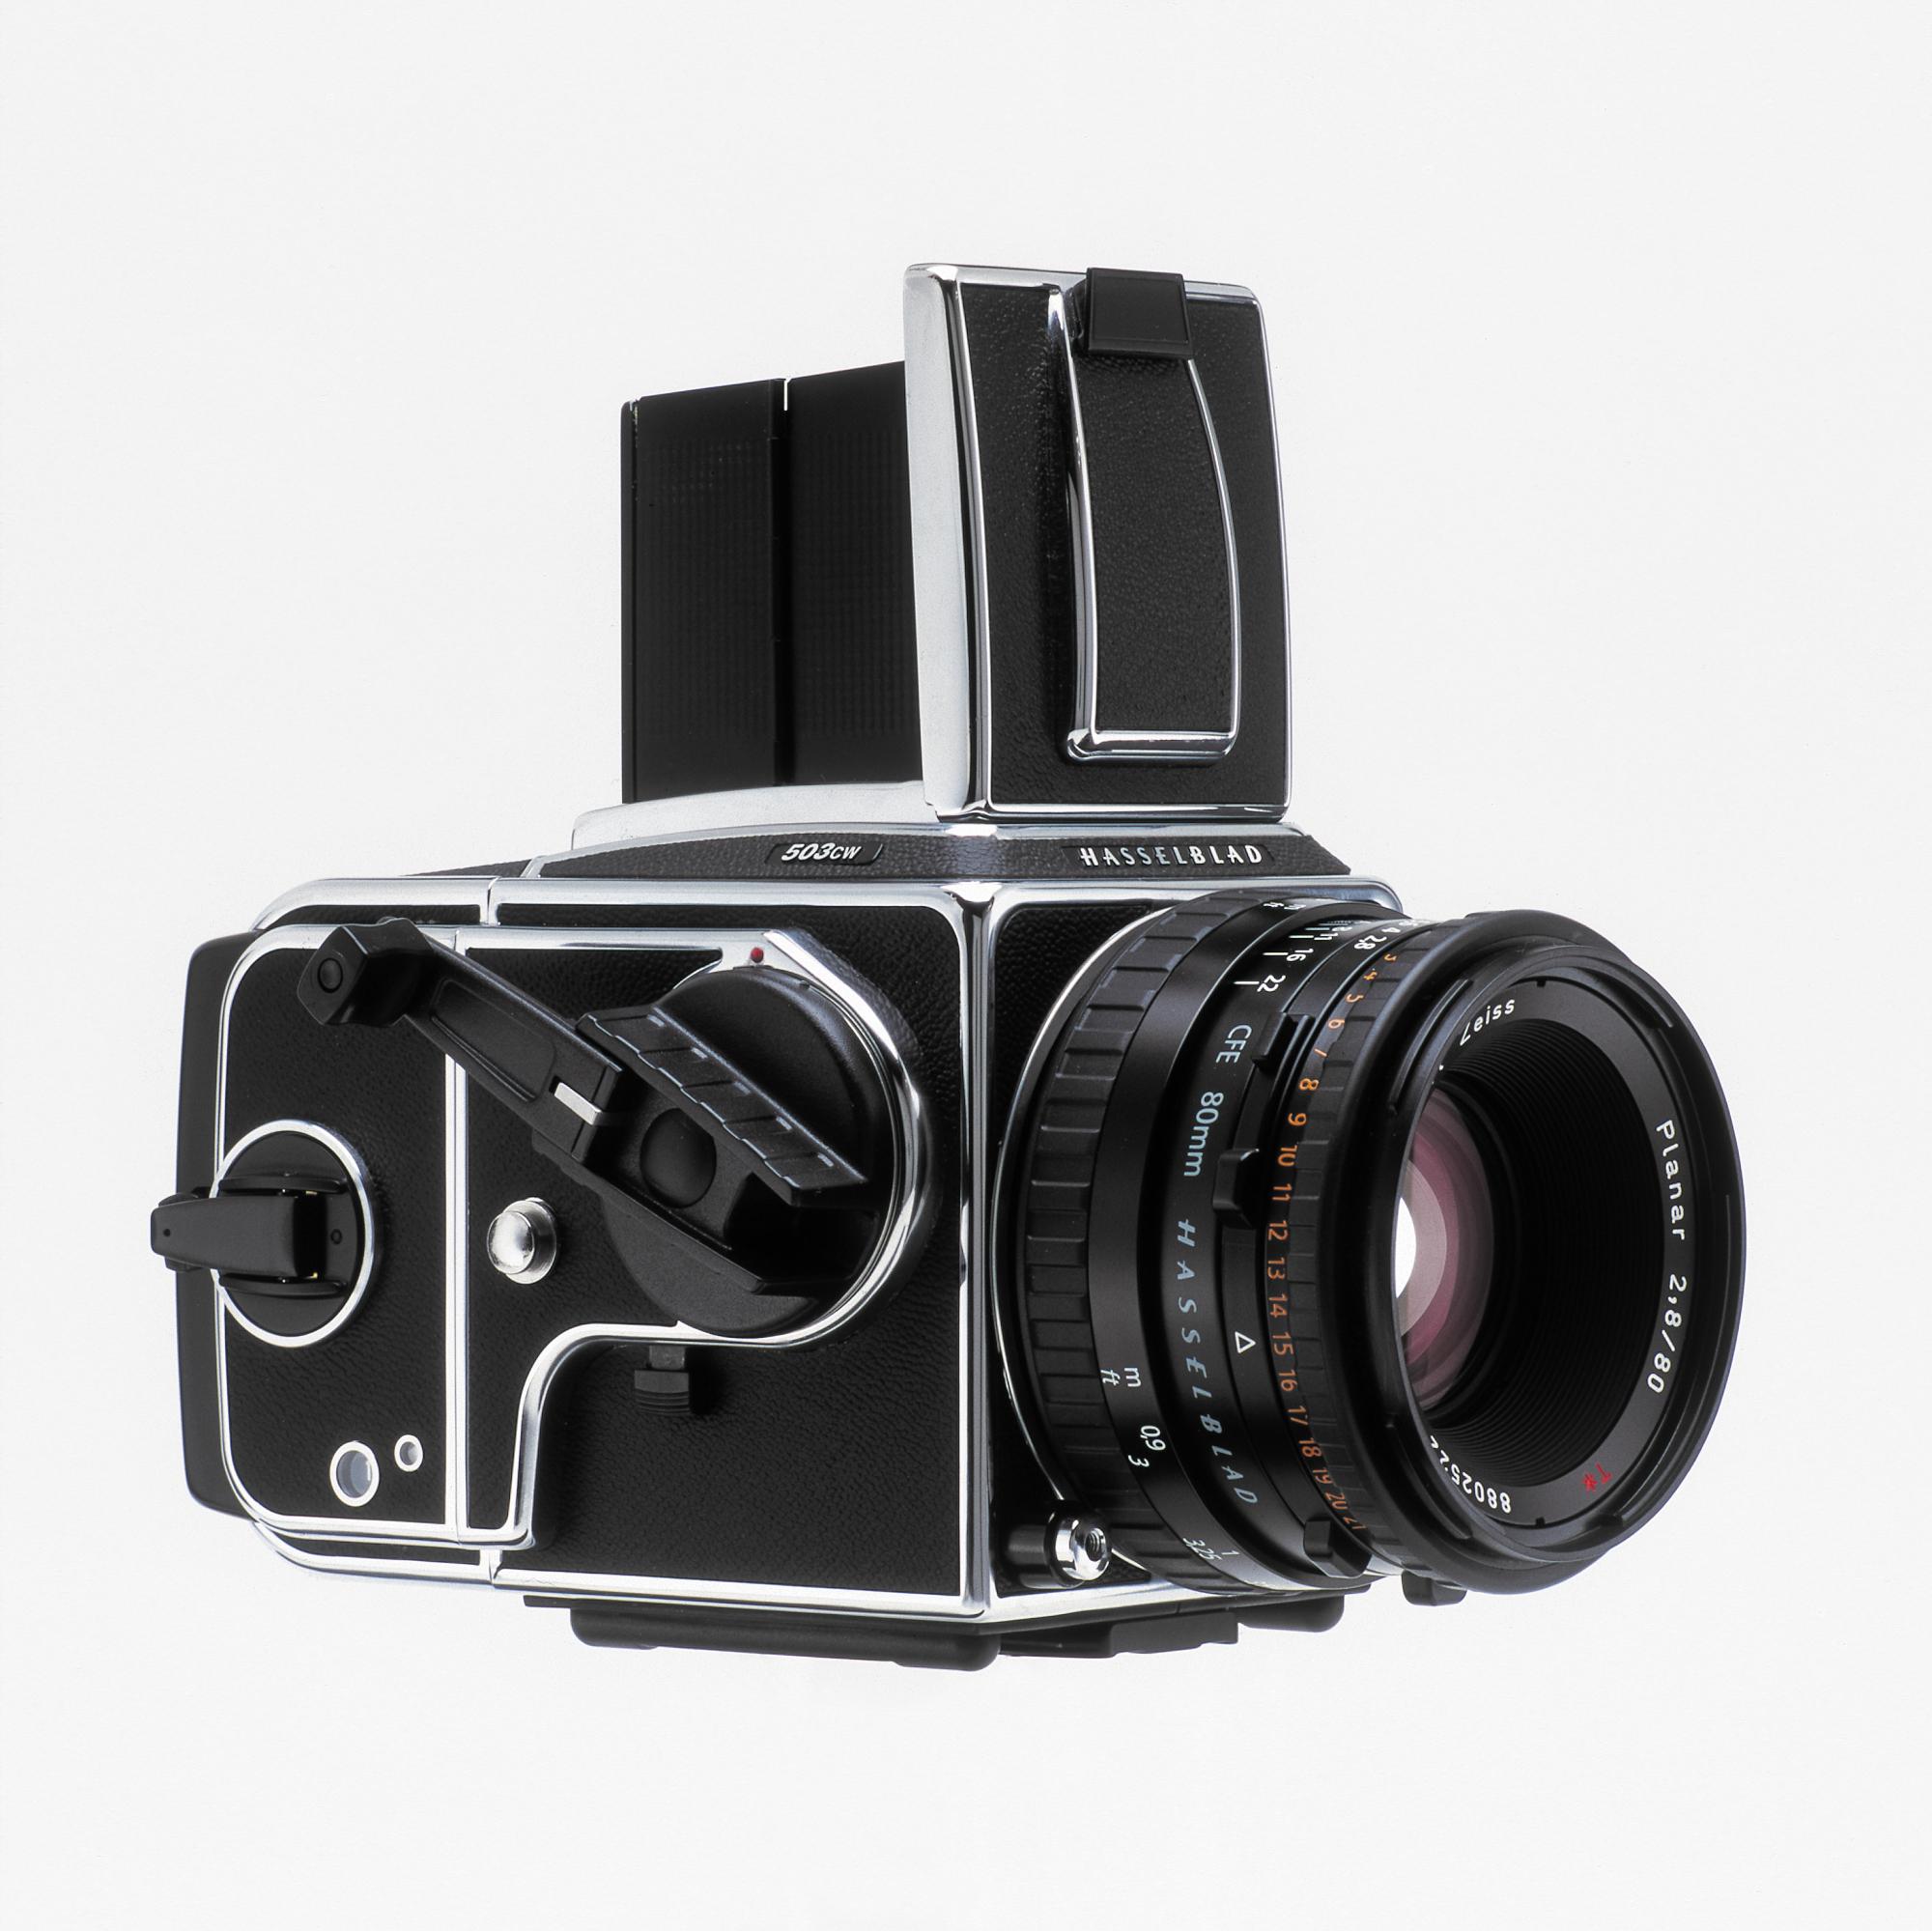 Nicht nur eine der besten Analogkameras, die je gebaut wurde, sondern auch eine Design-Ikone: die analoge Hasselblad